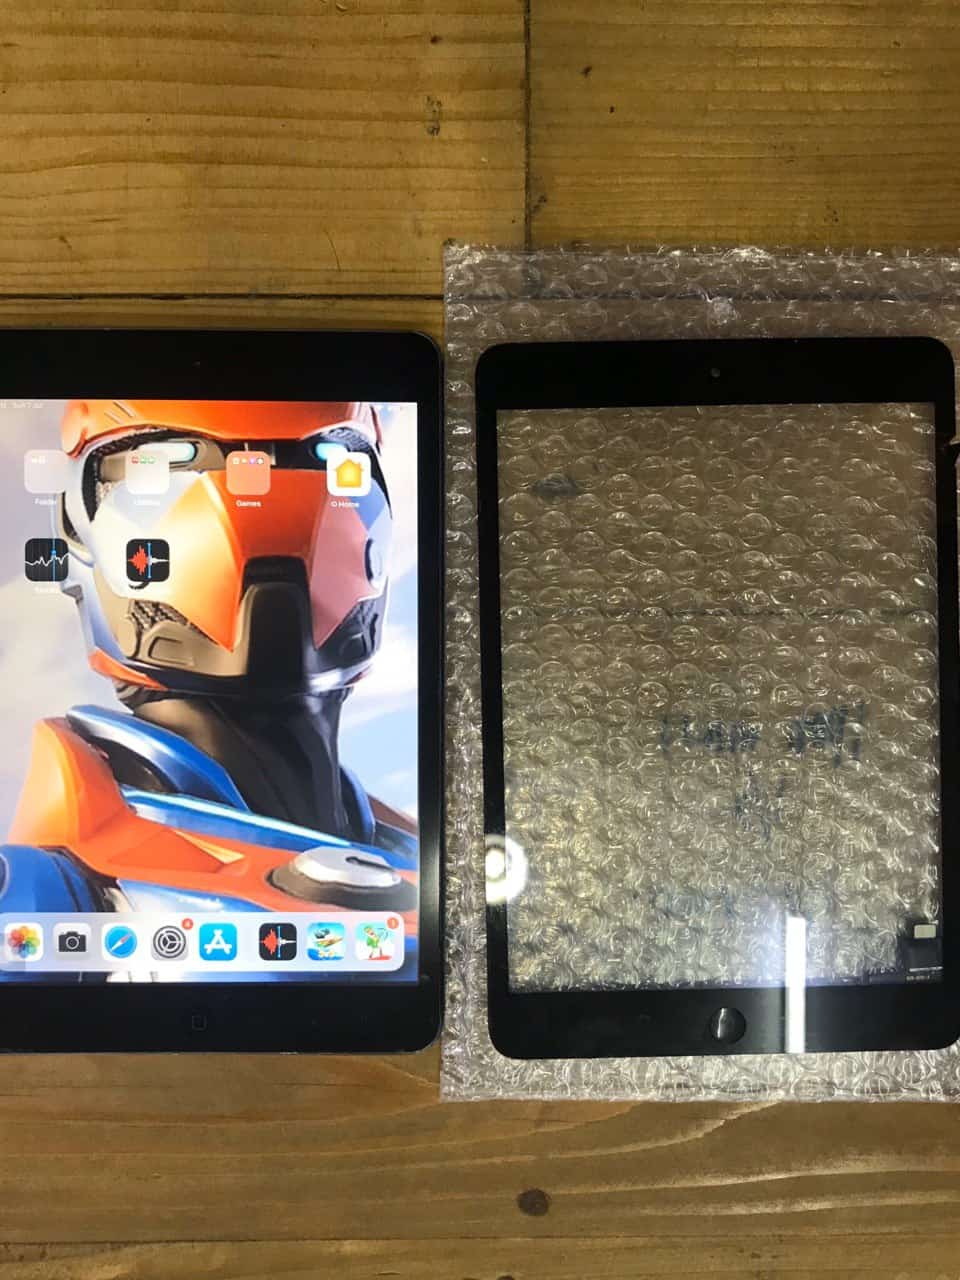 Ipad Mini 2 LCD replacement di kedai repair phone bangi